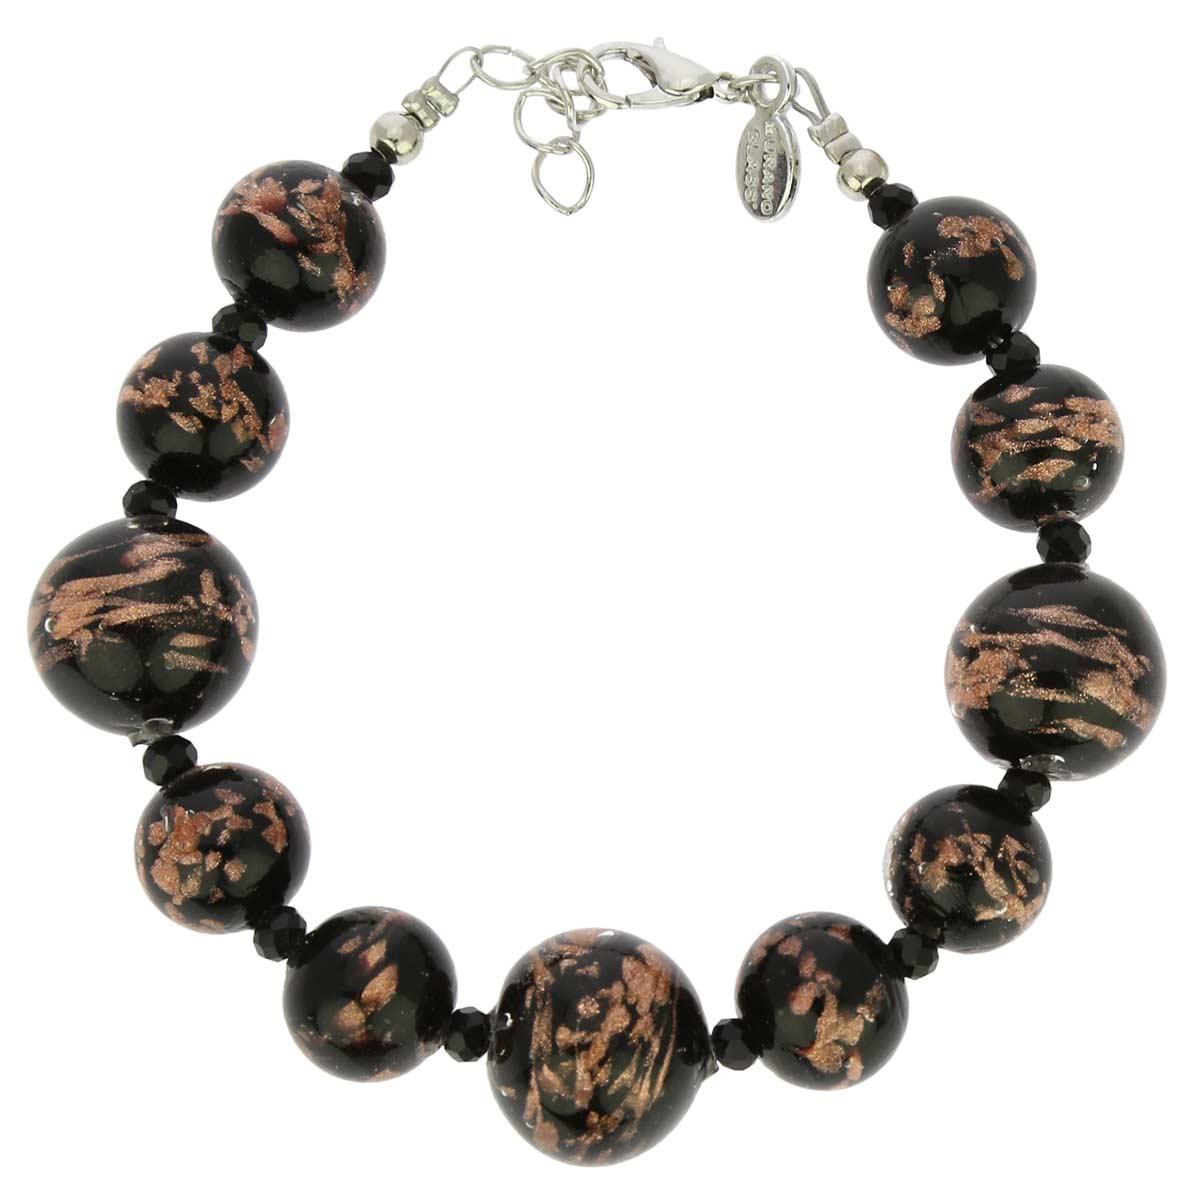 Starlight Balls Murano Bracelet - Black